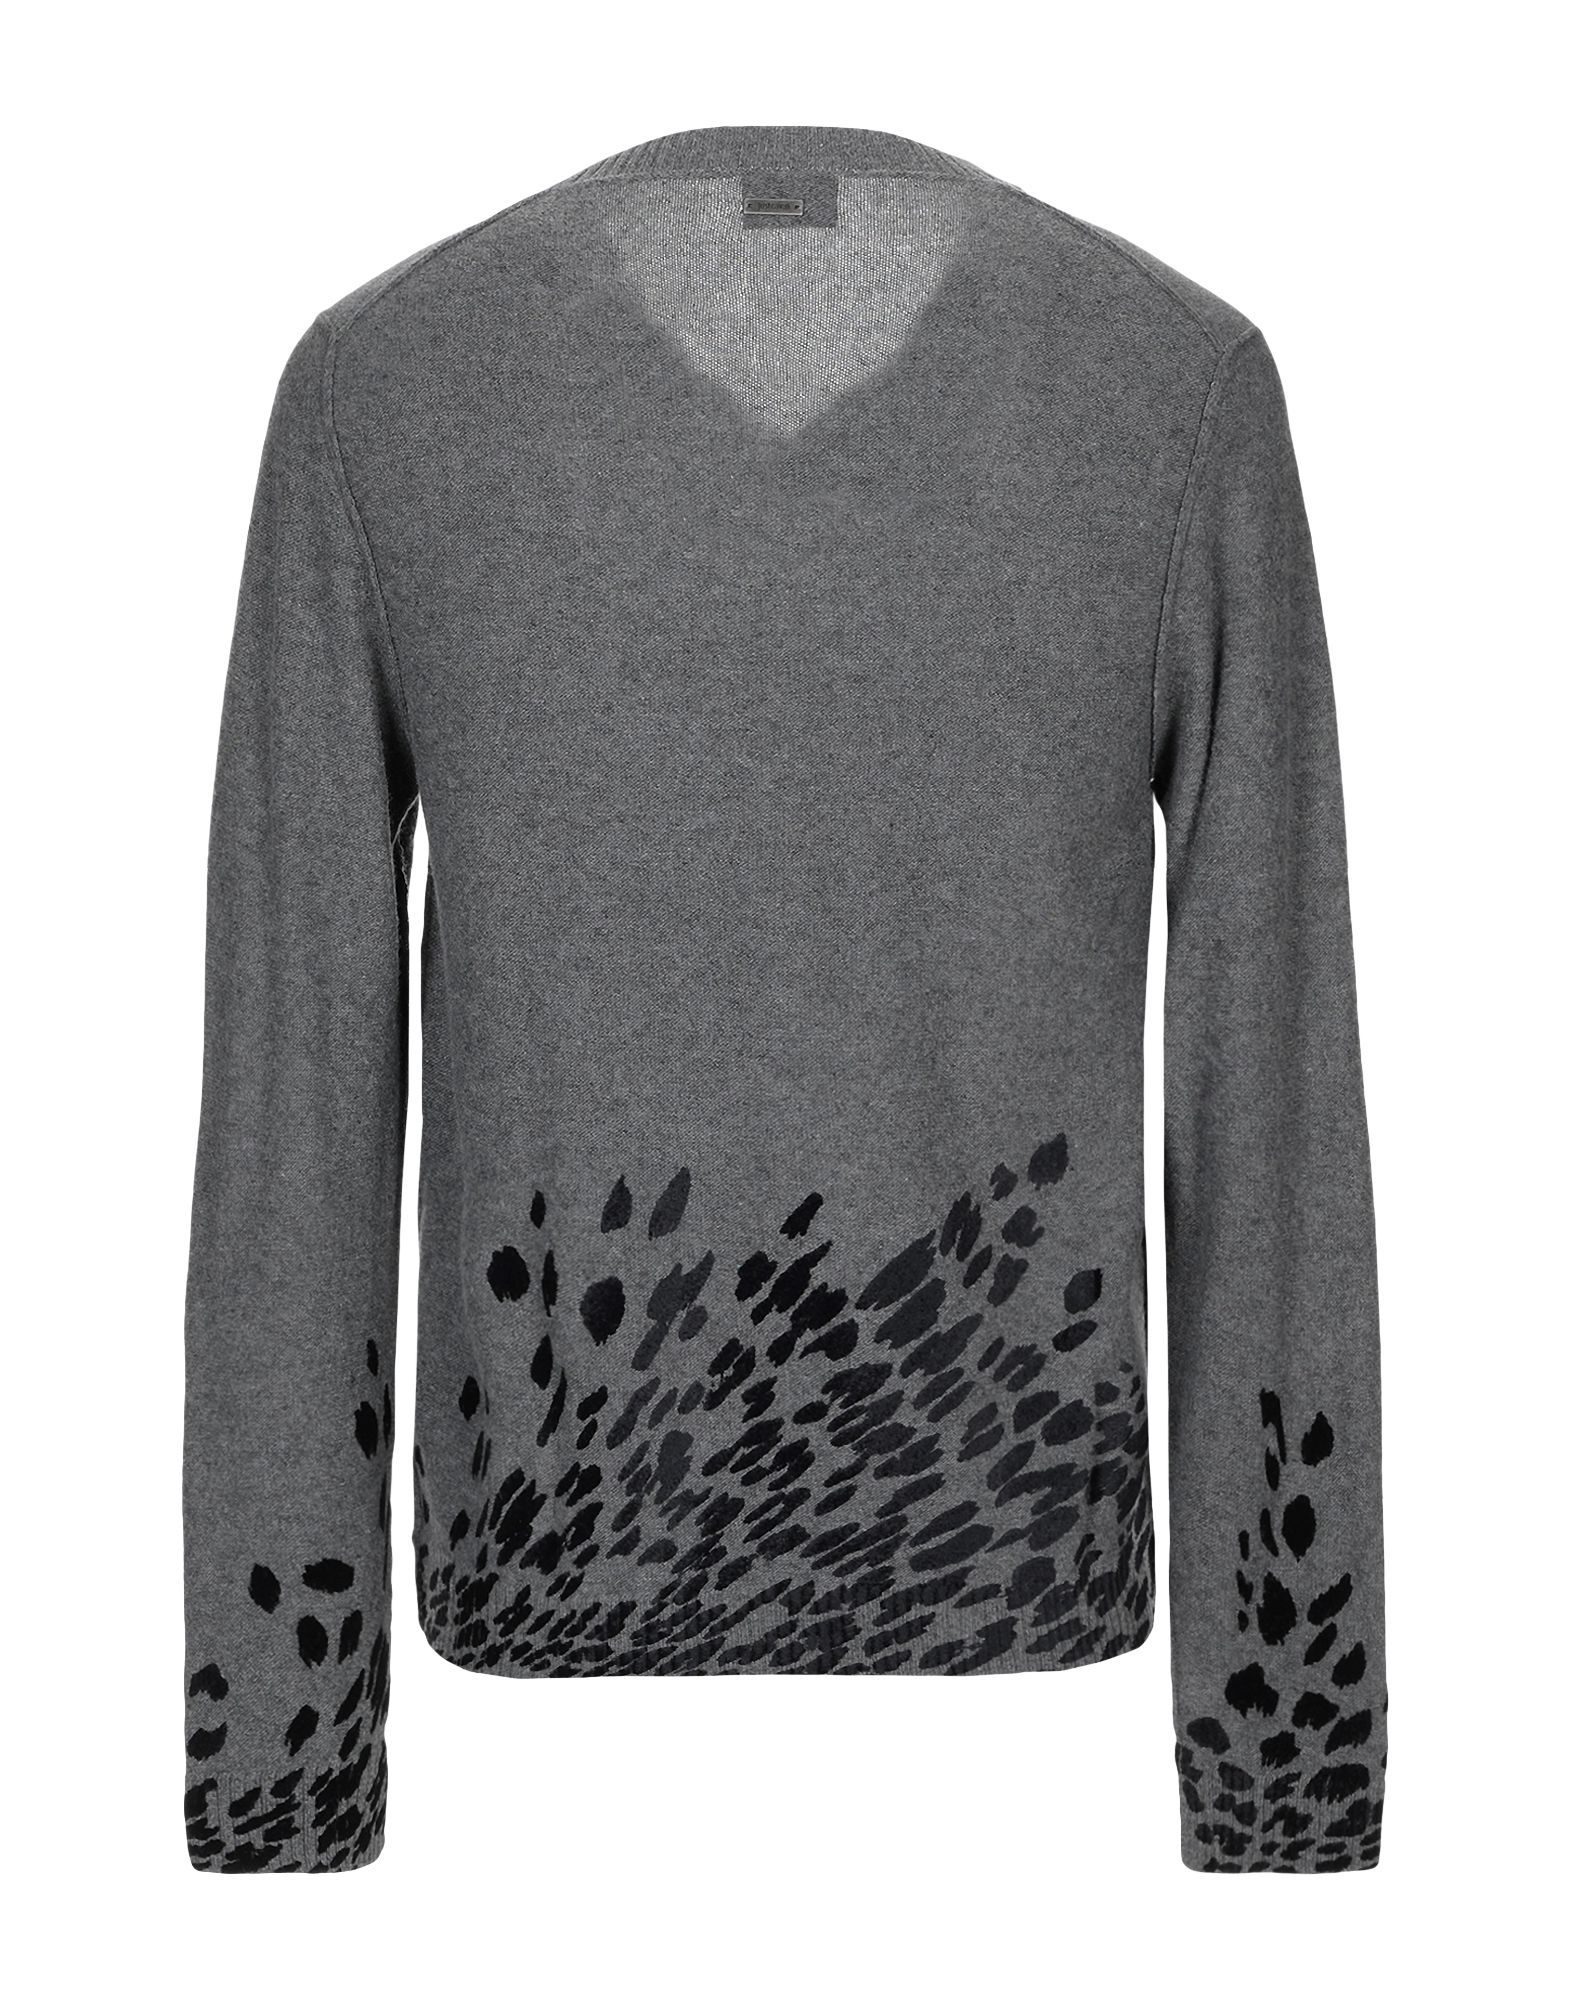 Just Cavalli Grey Wool Knit Jumper